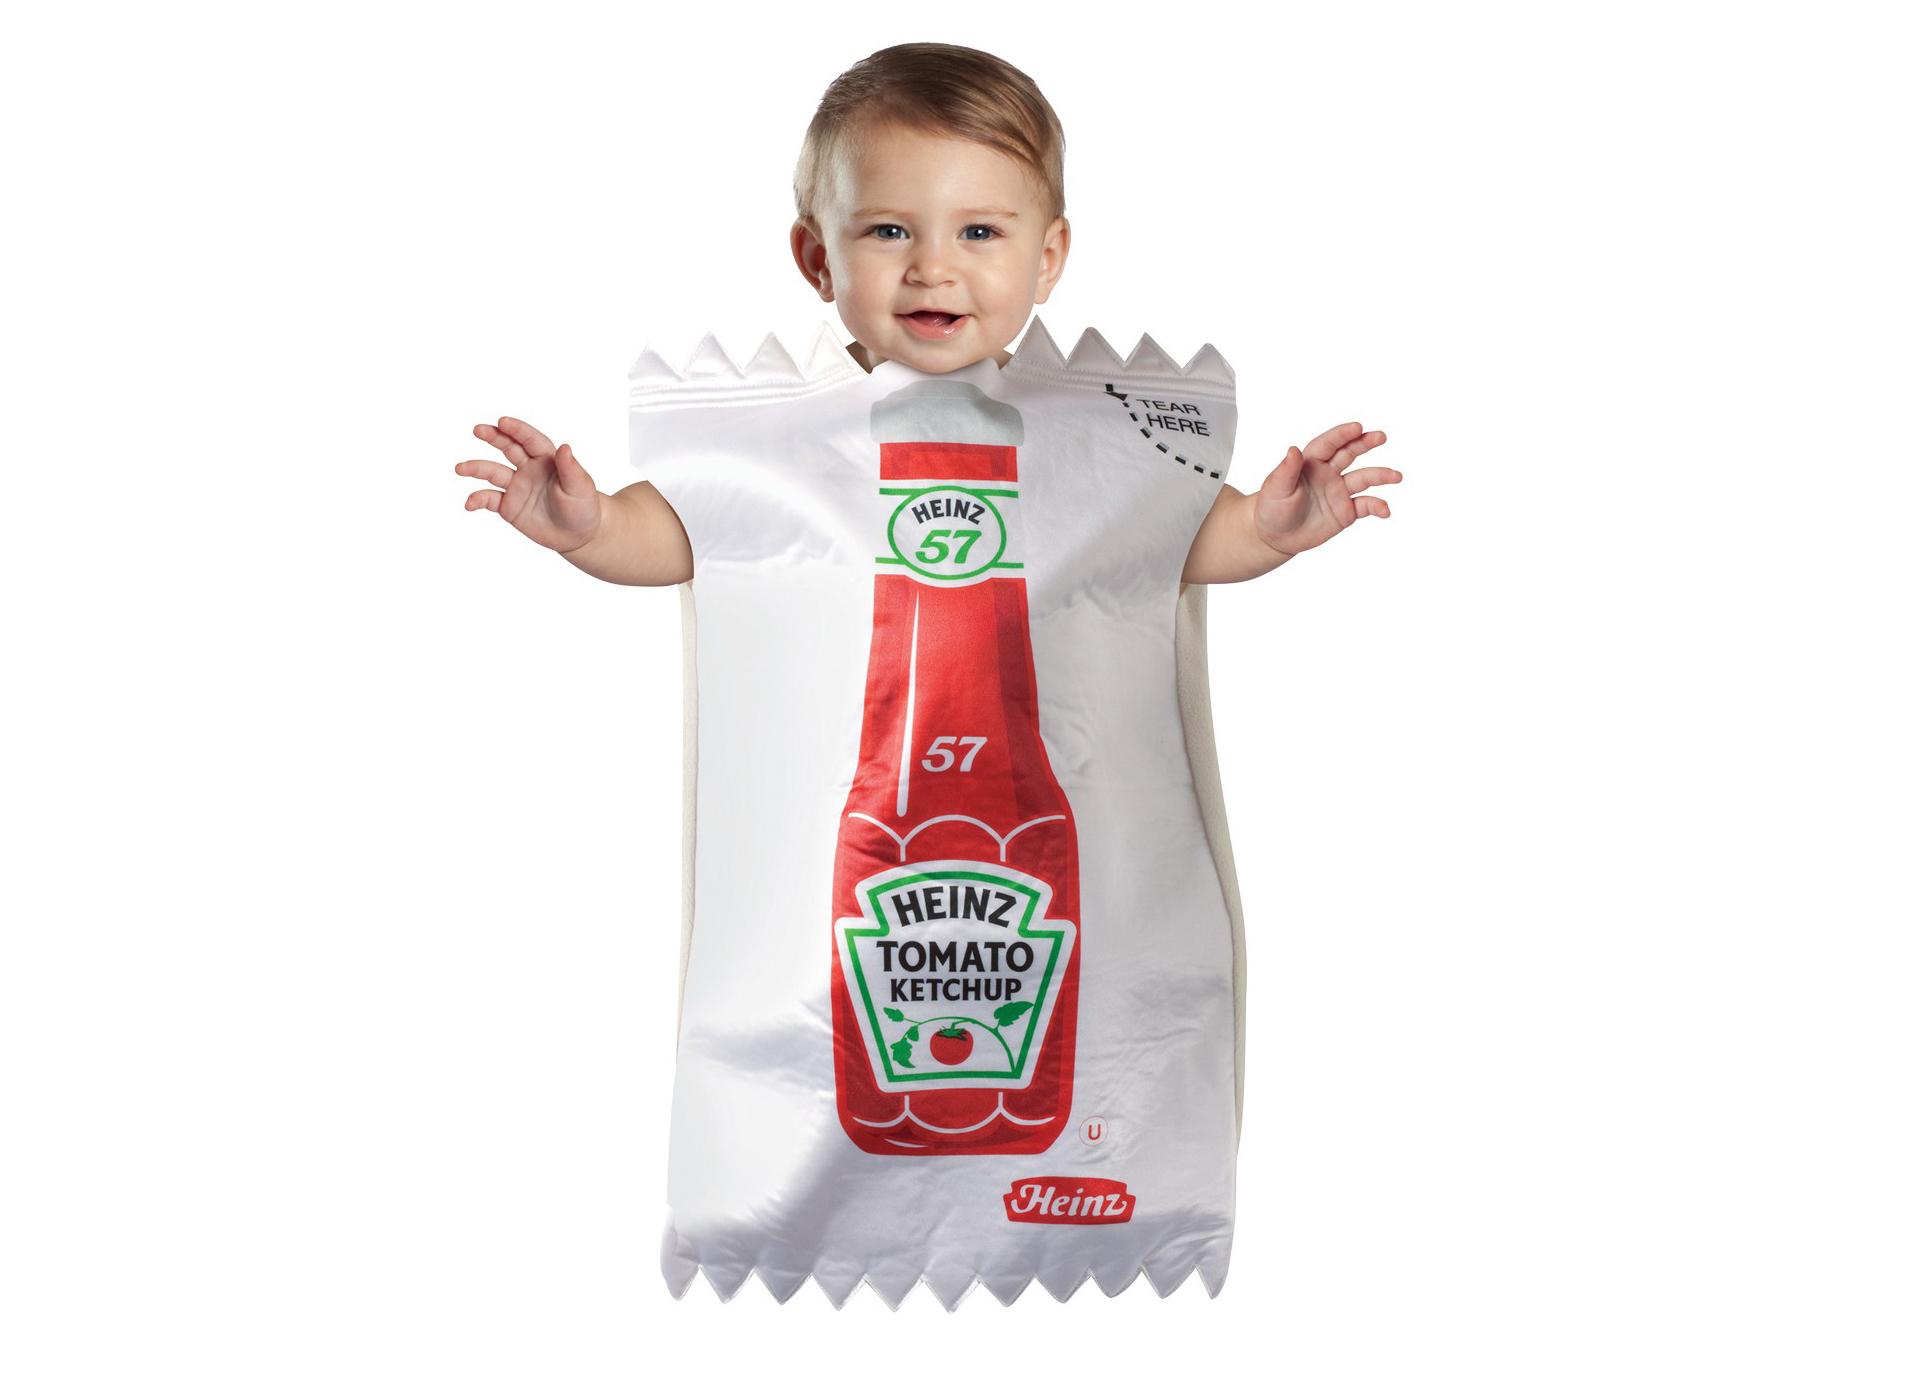 ketchup baby.jpg